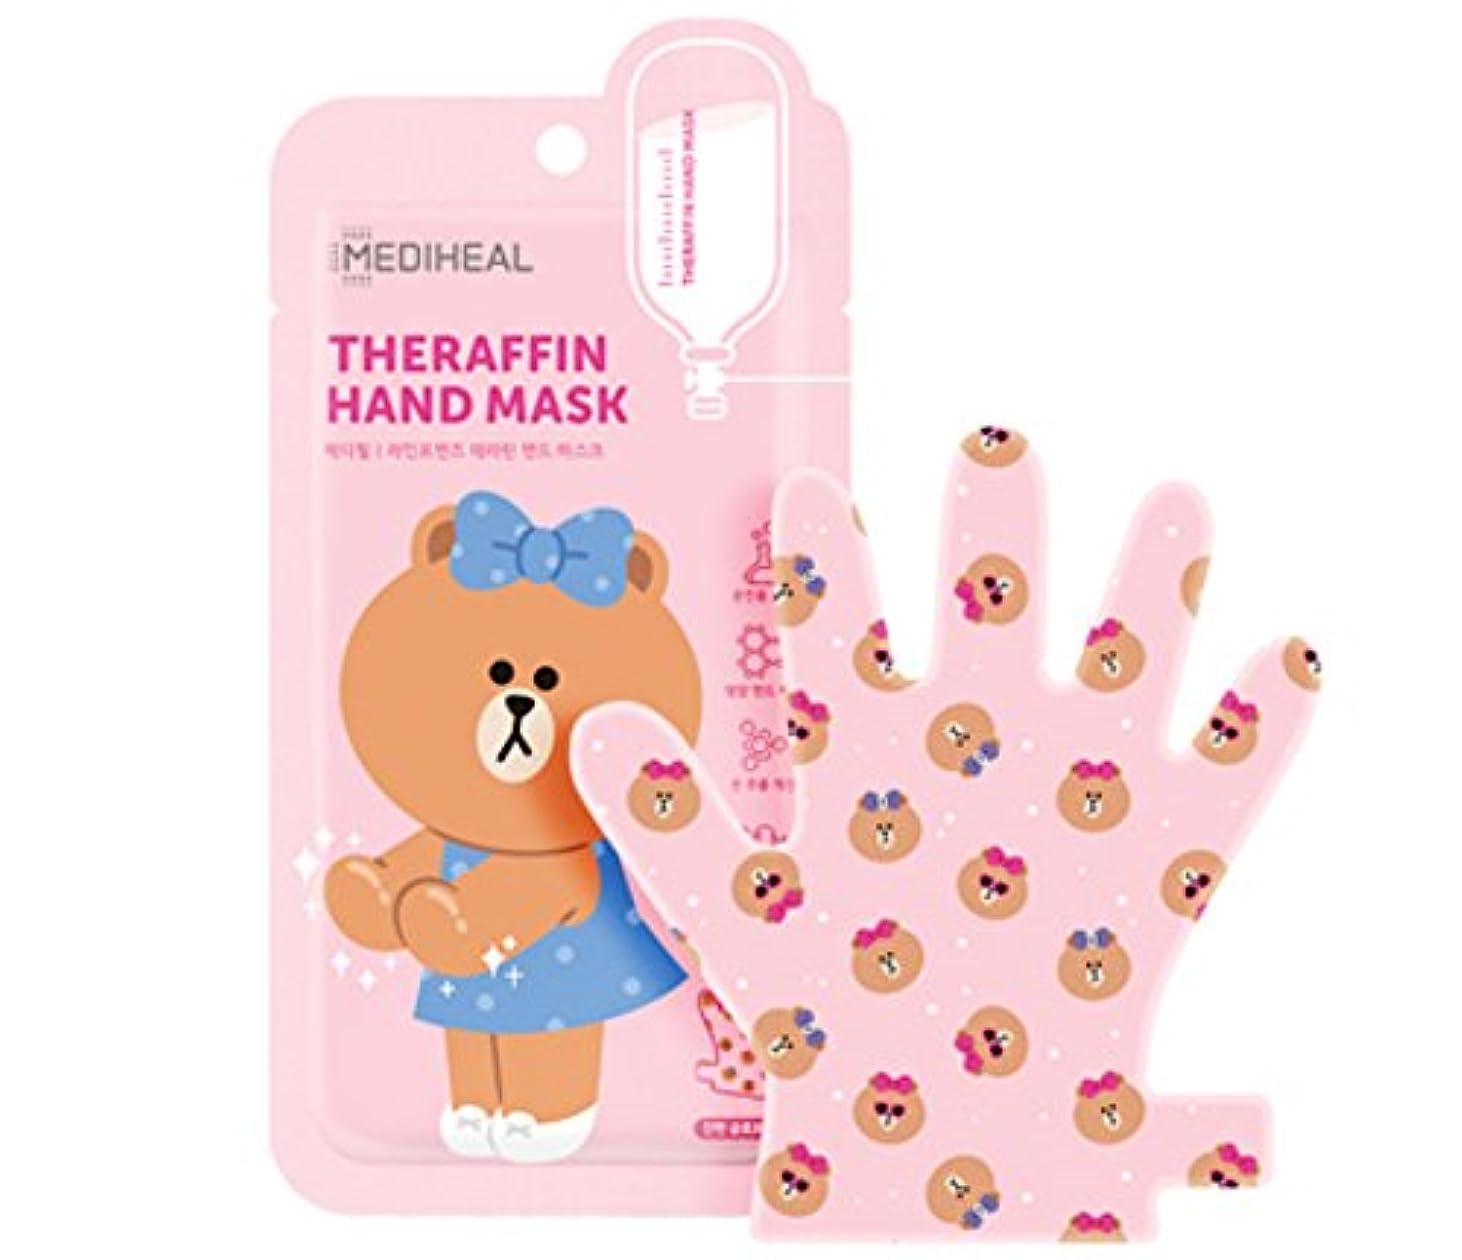 共産主義曲げるジャーナルMEDIHEAL LINE FRIENDS THERAFFIN HAND MASK テラピンハンドマスクきれいな手を作る